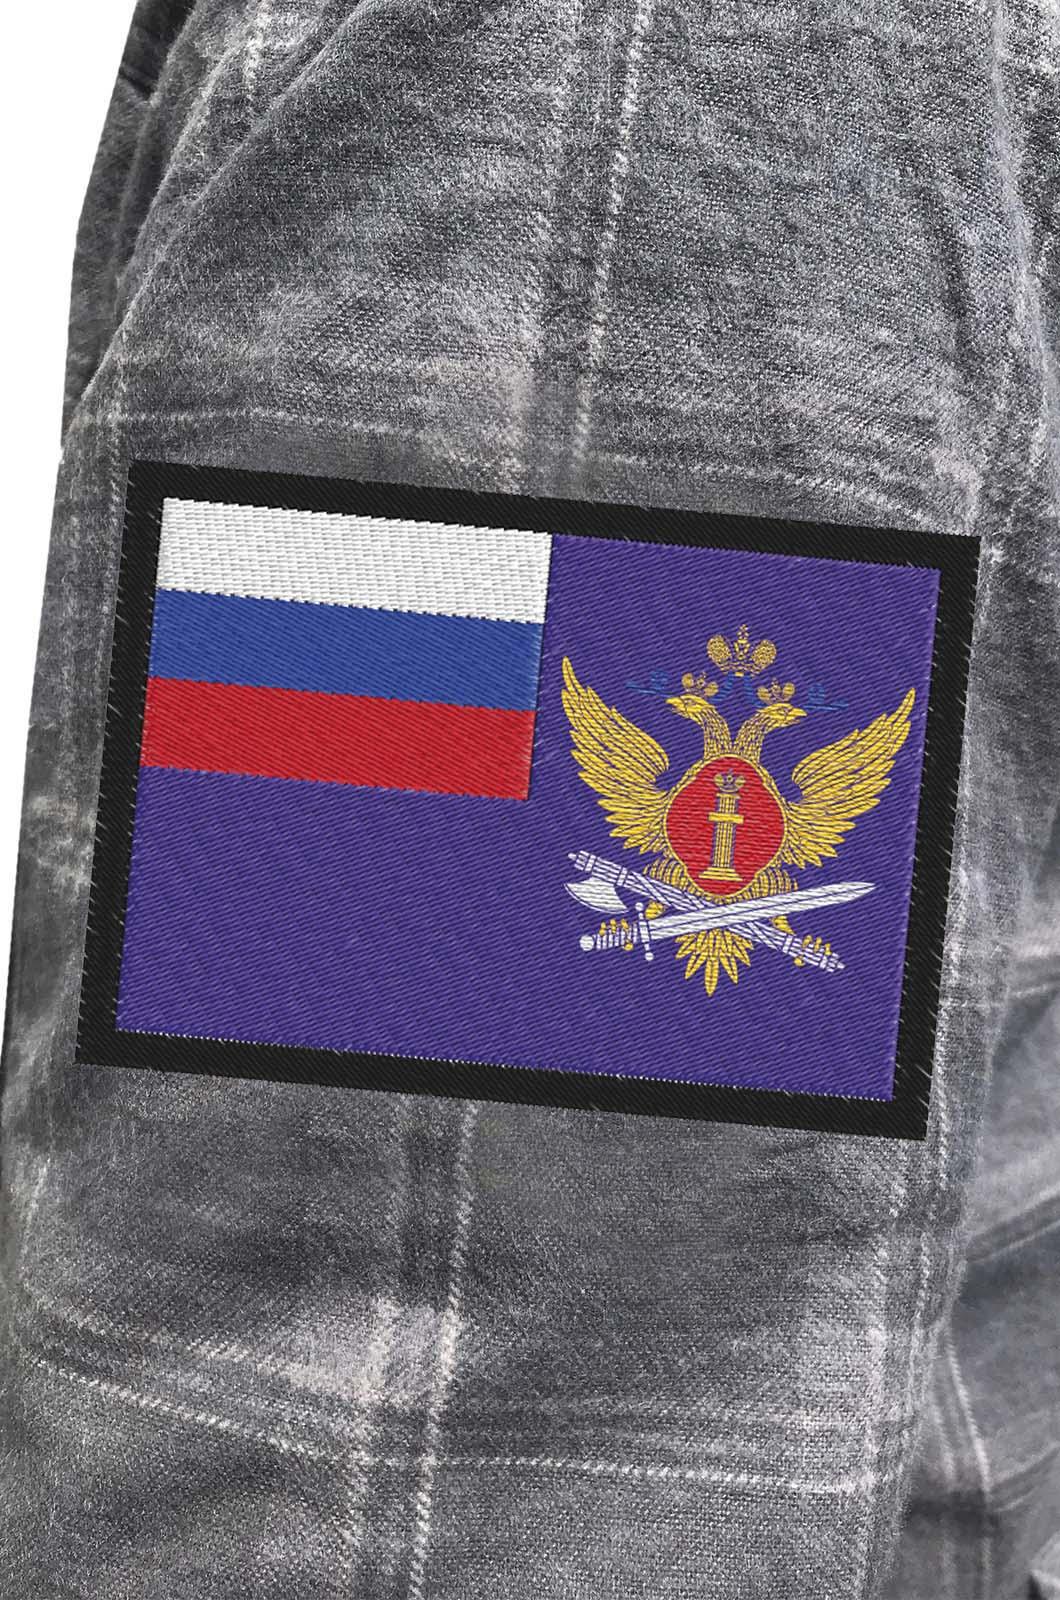 Надежная рубашка с вышитым шевроном ФСИН - купить в подарок